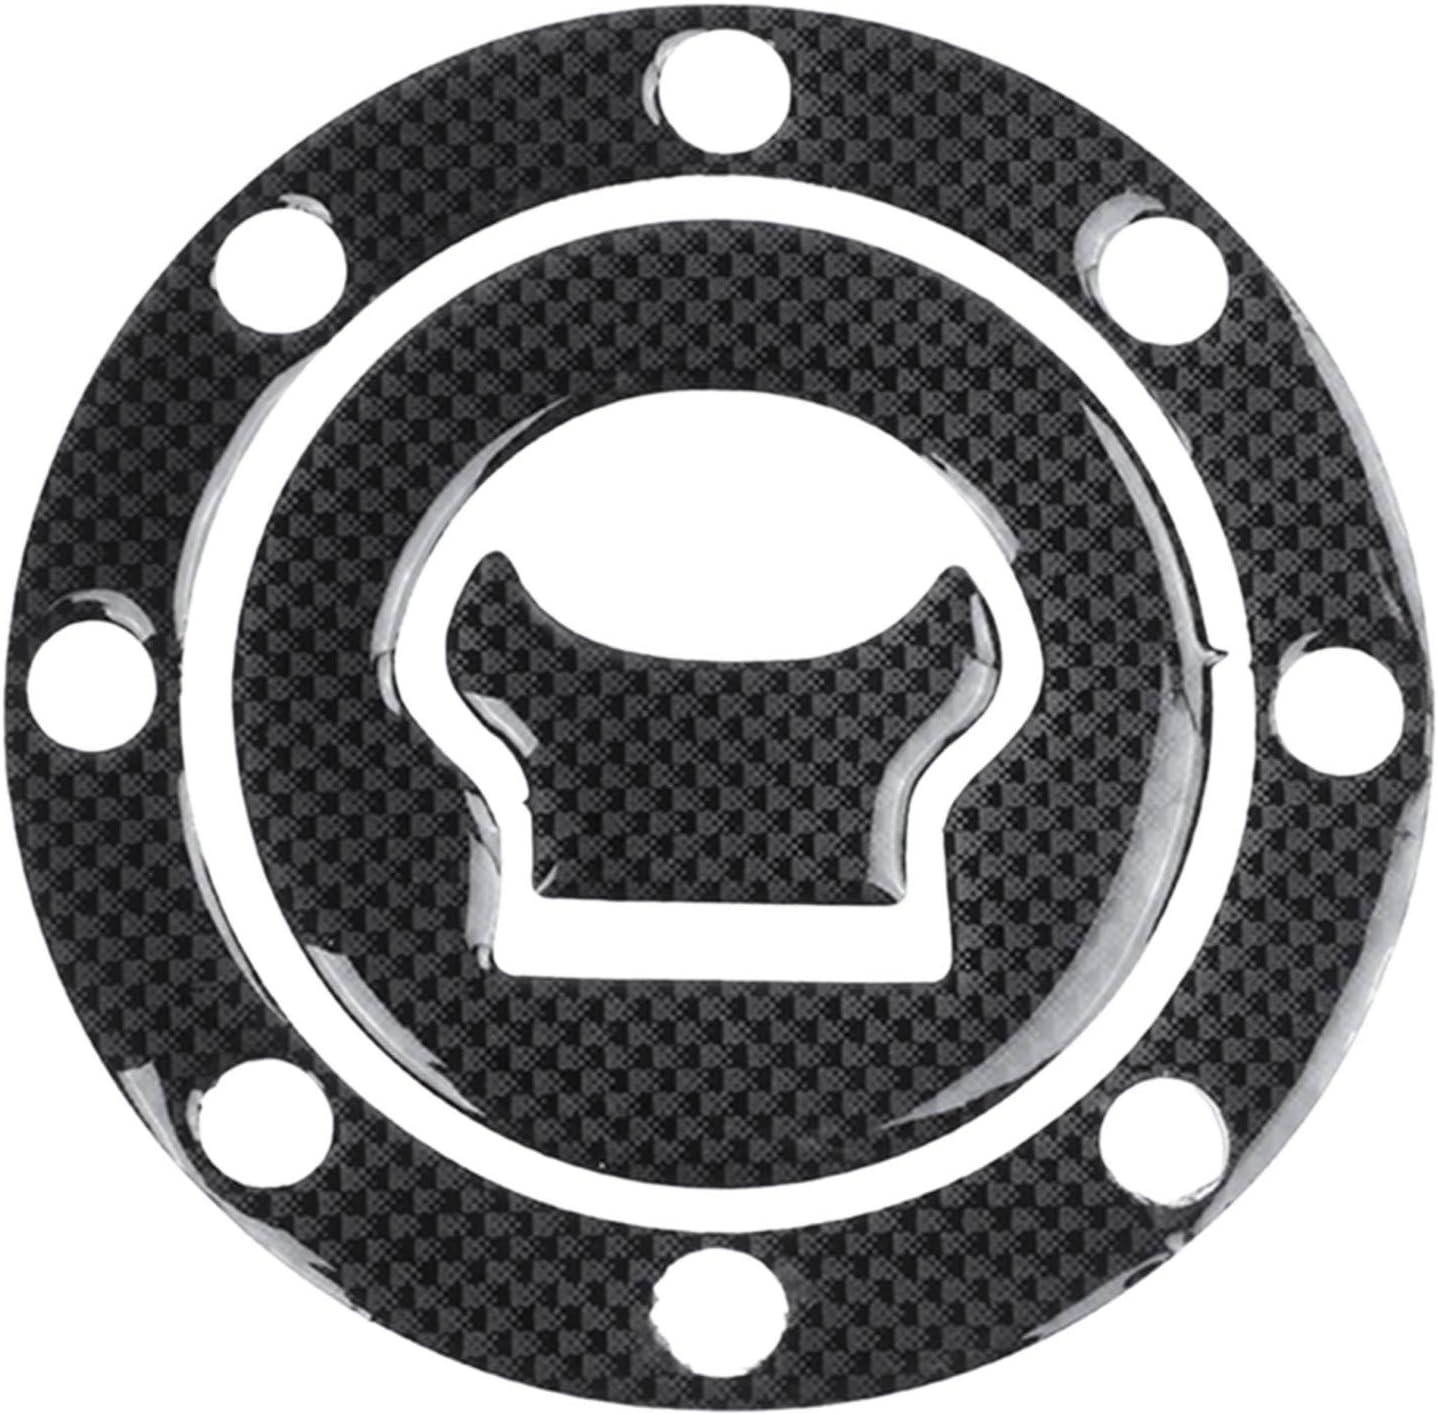 Semoic Nouvel Autocollant de Couverture en Forme de Carbone Carburant//gaz Cap Couverture Pad Autocollant pour GSXR 600 750 1300 SV 1000 GSFT 1200 Bandit Noir